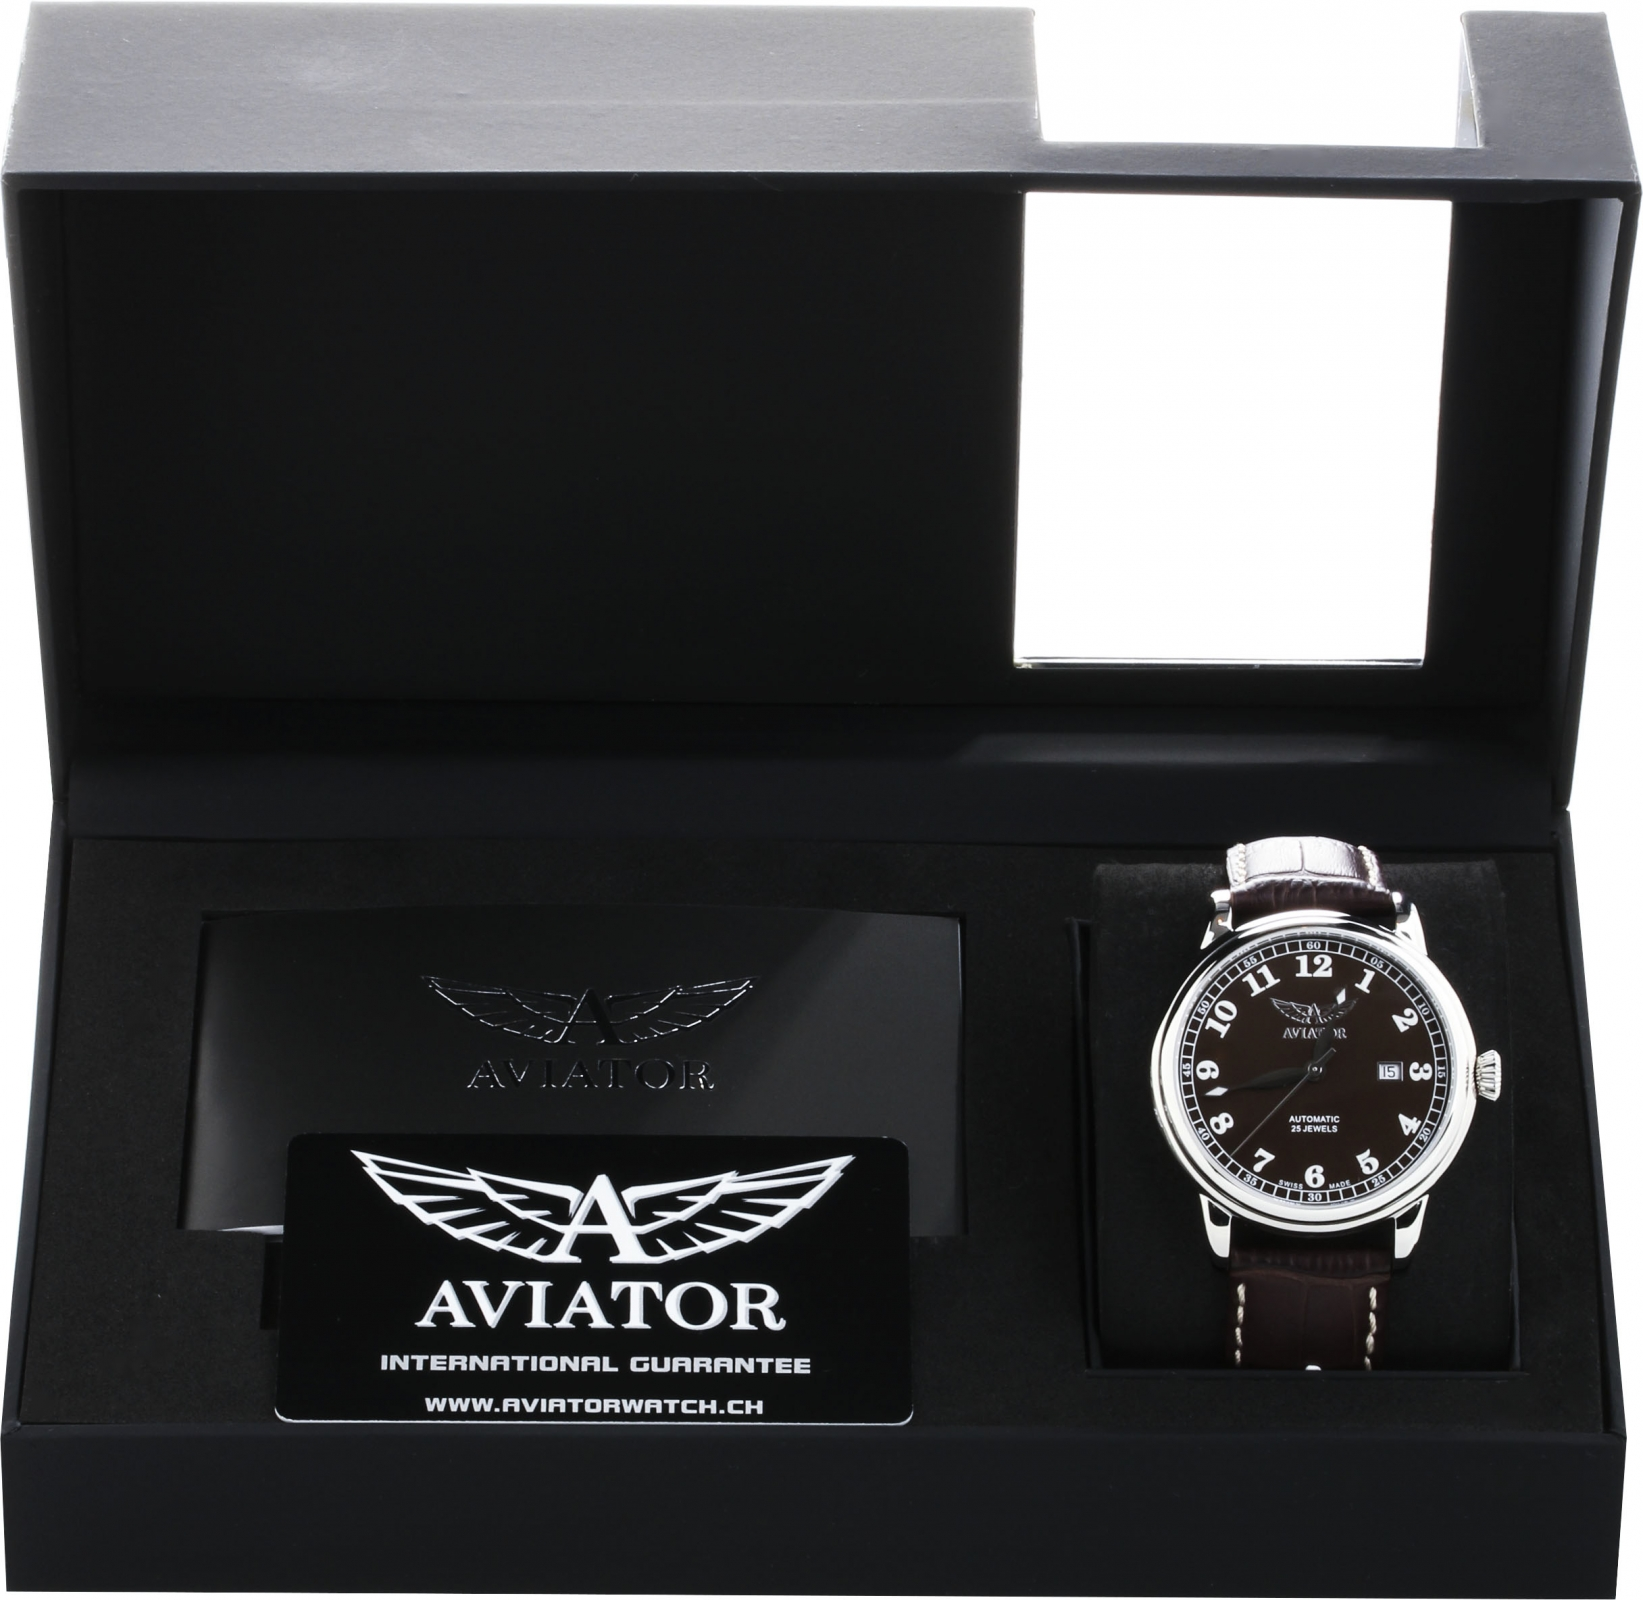 Aviator Douglas V.3.09.0.026.4Наручные часы<br>Швейцарские часы Aviator Douglas V.3.09.0.026.4Данная модель &amp;mdash; яркий представитель коллекции Douglas. Это модные Мужские часы. Материал корпуса часов &amp;mdash; Сталь. Ремень &amp;mdash; Кожа. В этих часах используется Сапфировое стекло. Водозащита - 50 м.<br><br>Пол: Мужские<br>Страна-производитель: Швейцария<br>Механизм: Механический<br>Материал корпуса: Сталь<br>Материал ремня/браслета: Кожа<br>Водозащита, диапазон: 20 - 100 м<br>Стекло: Сапфировое<br>Толщина корпуса: None<br>Стиль: None